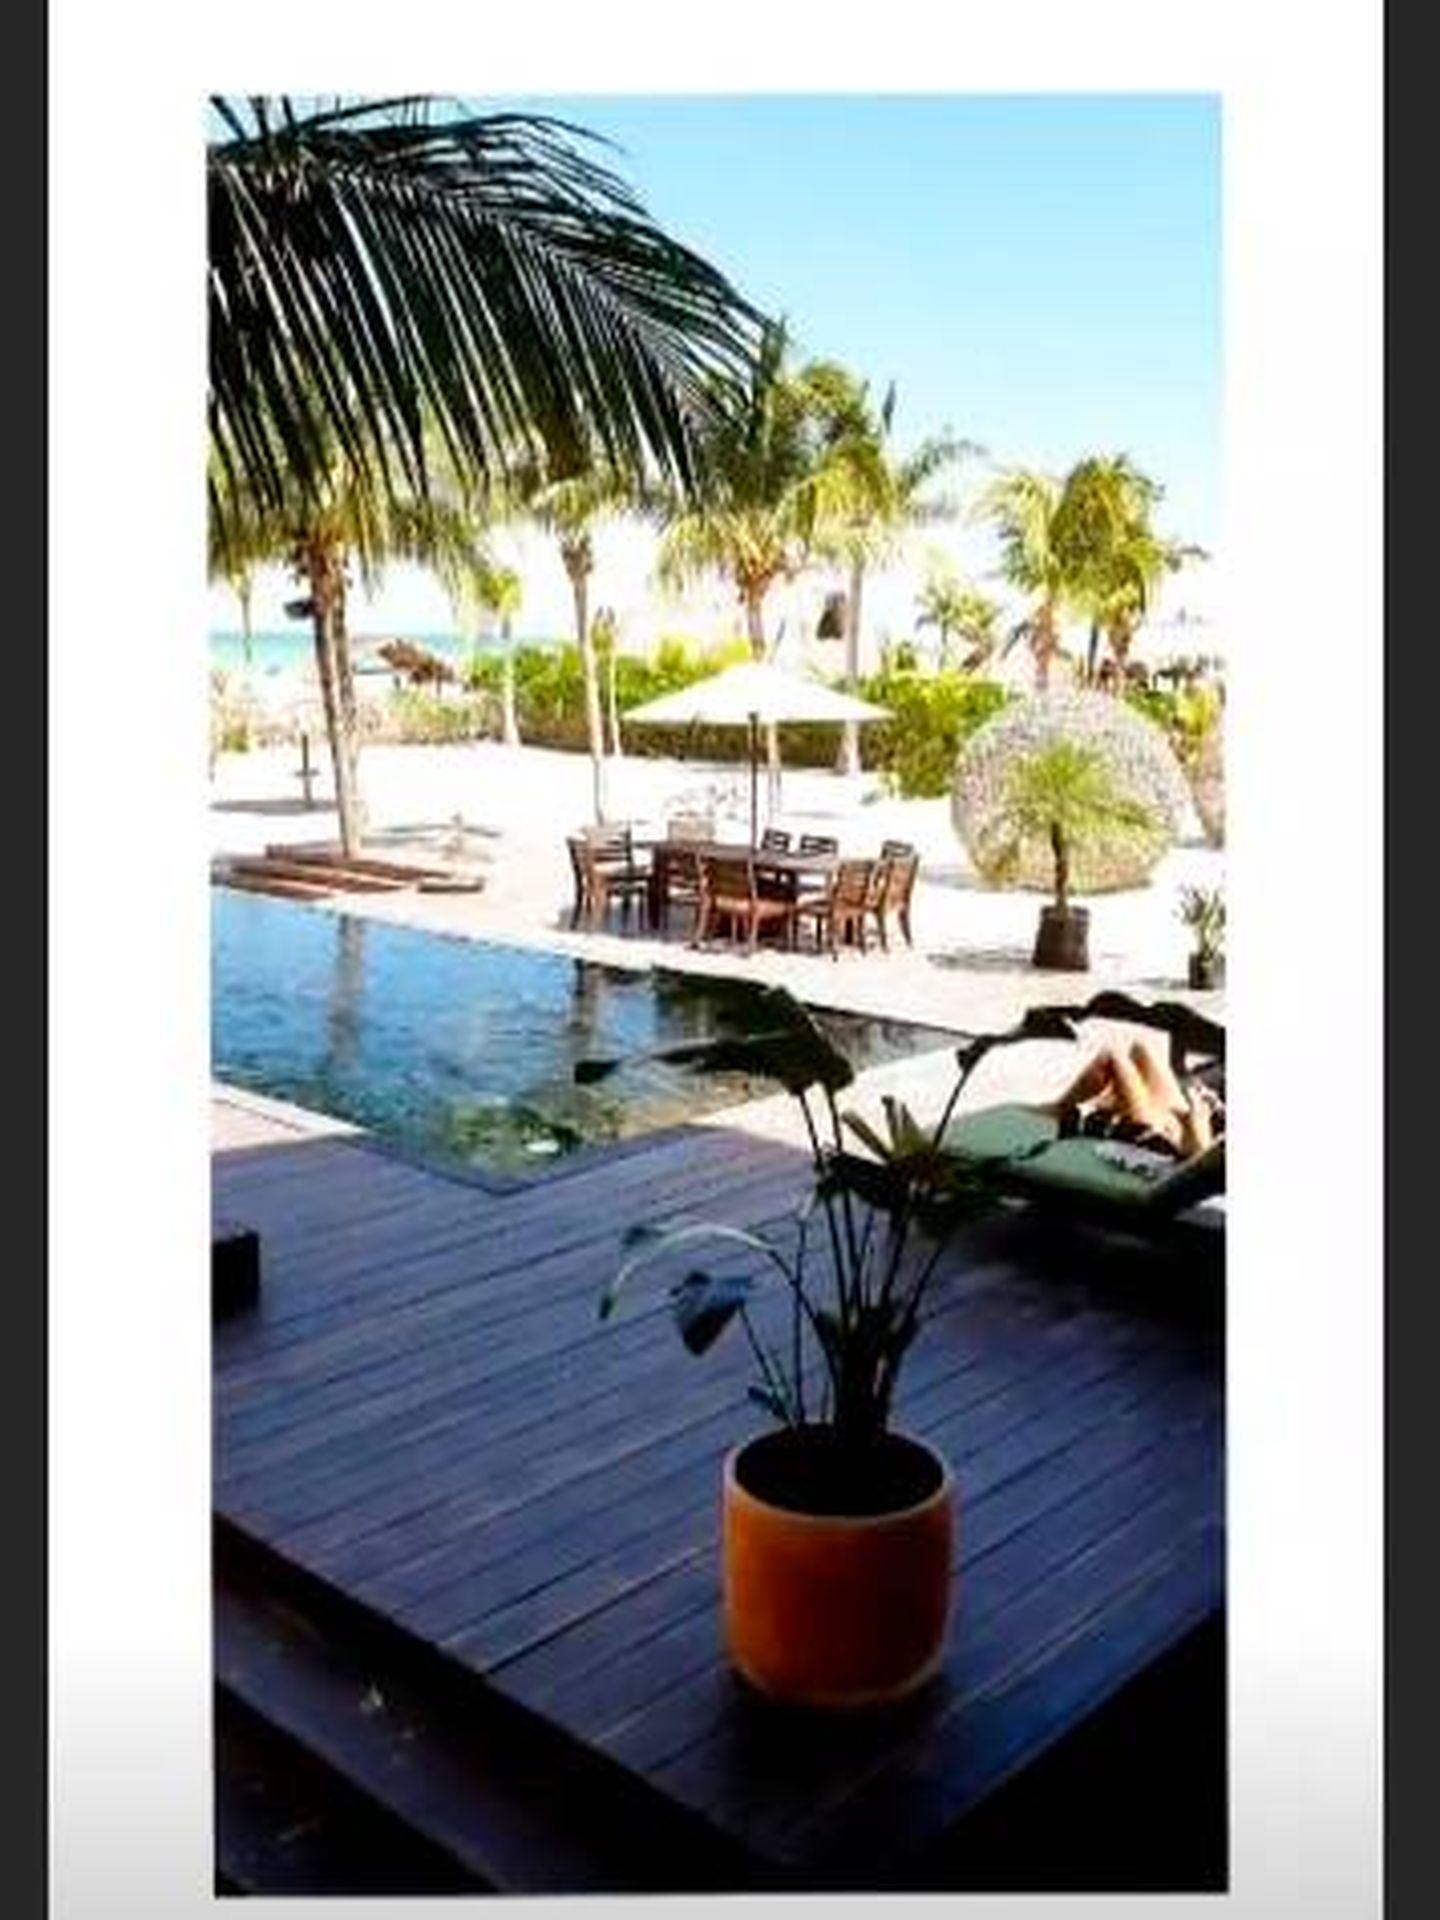 Las vistas a la piscina que la actriz tiene desde su habitación del hotel. (Instagram)